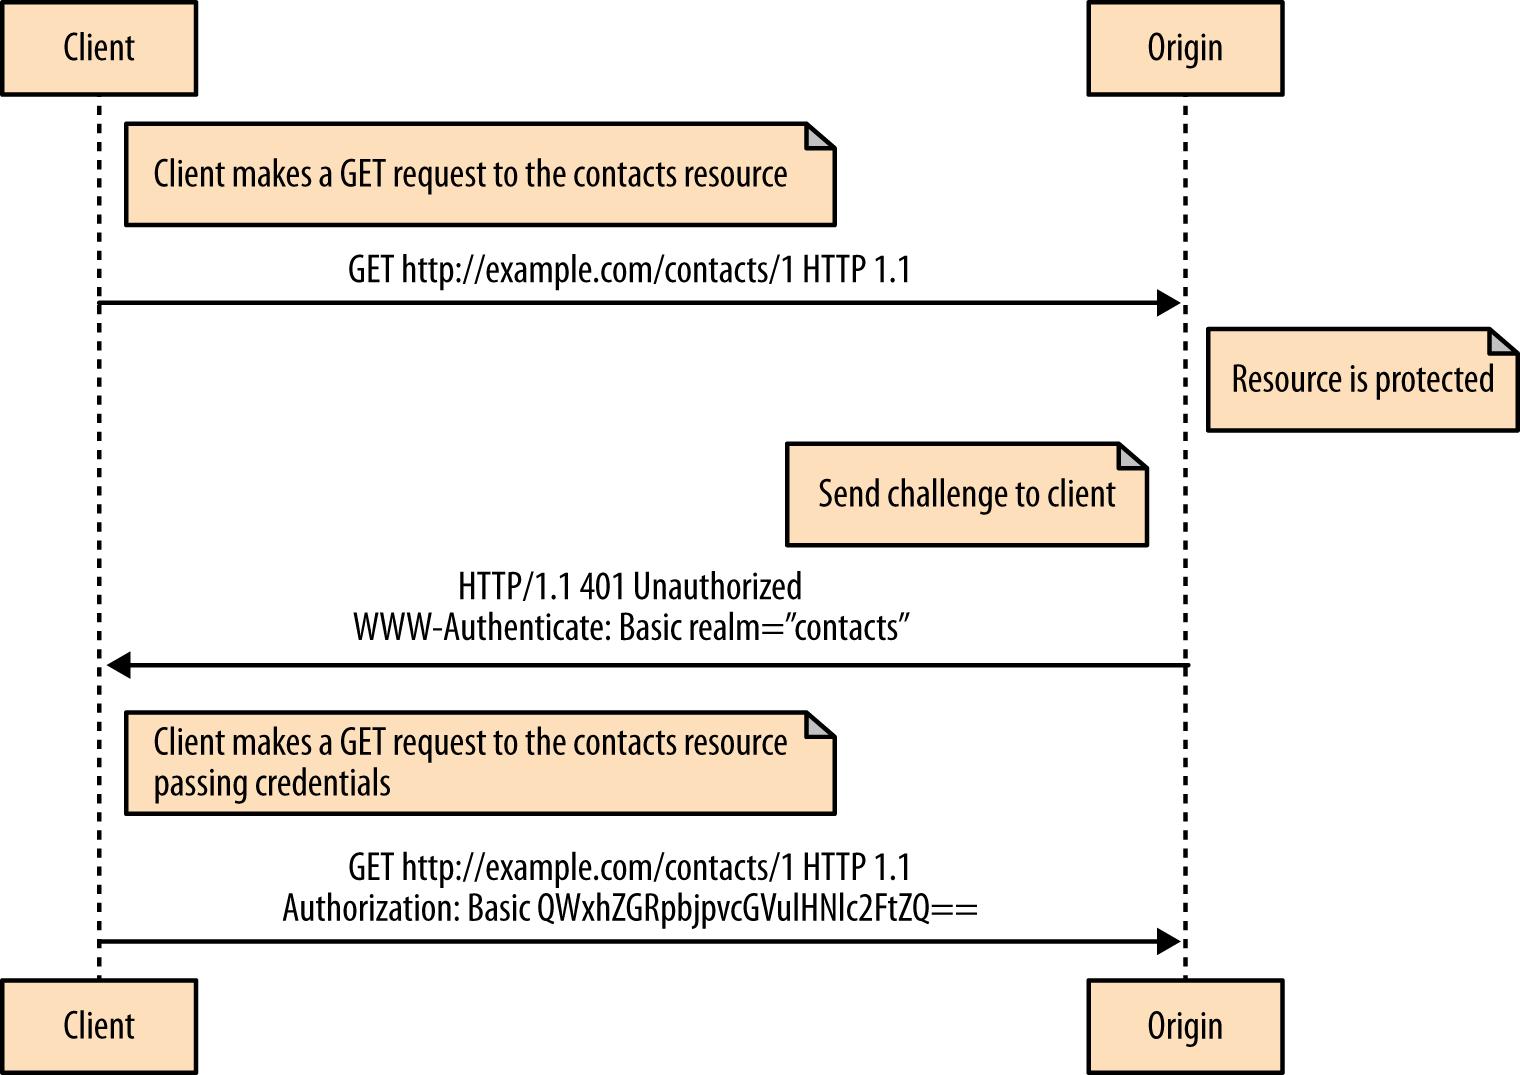 Client authenticates with origin